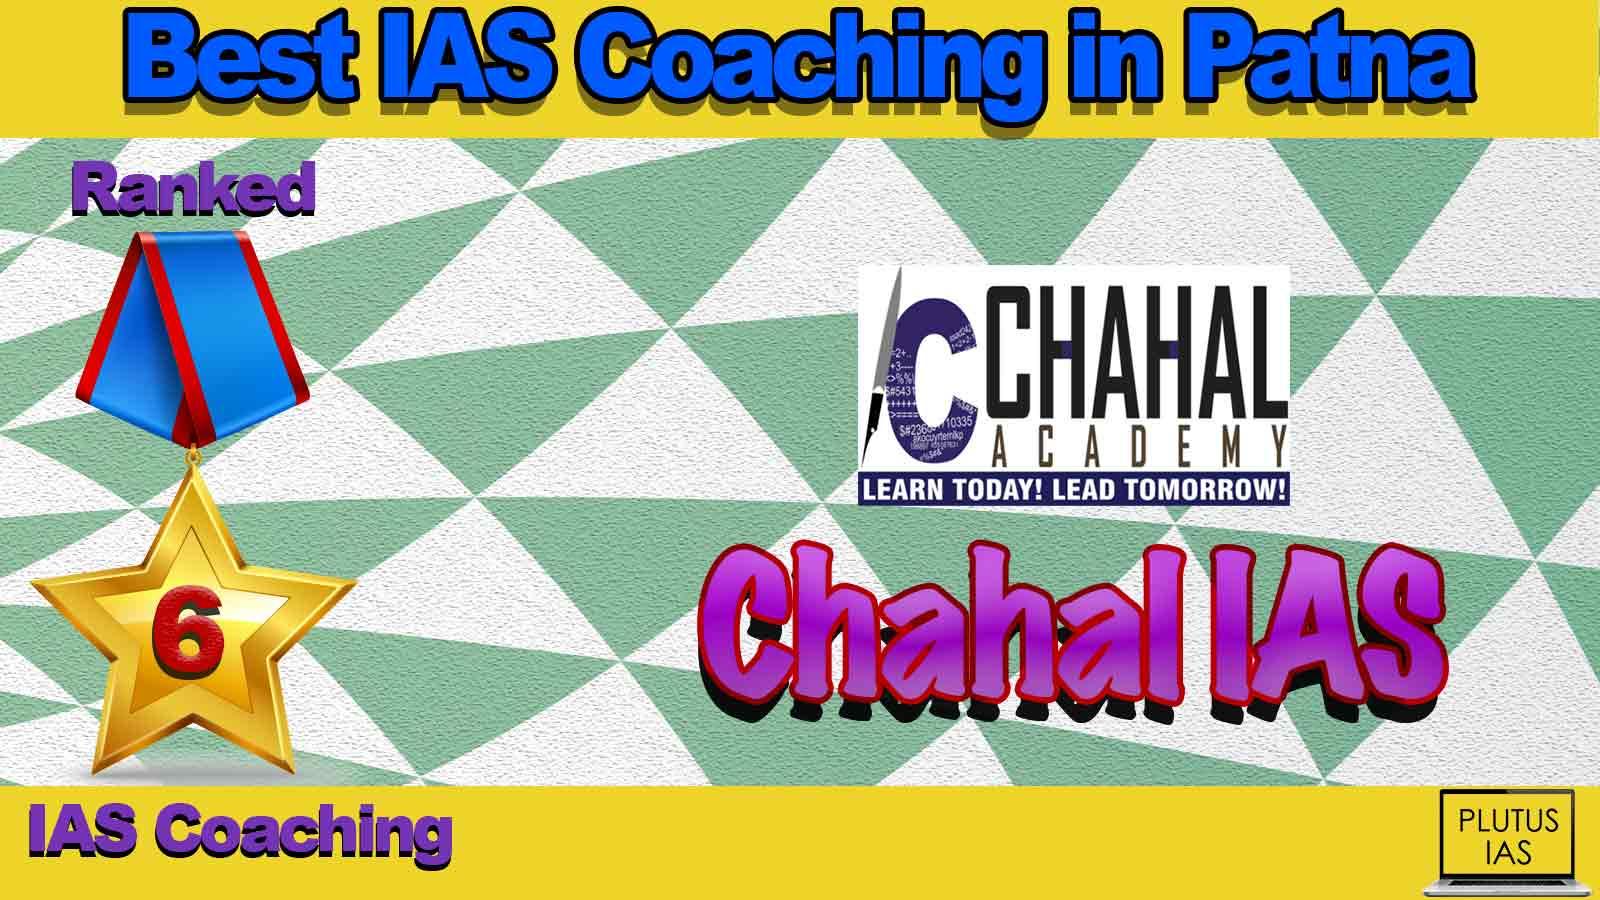 Best IAS Coaching in Patna